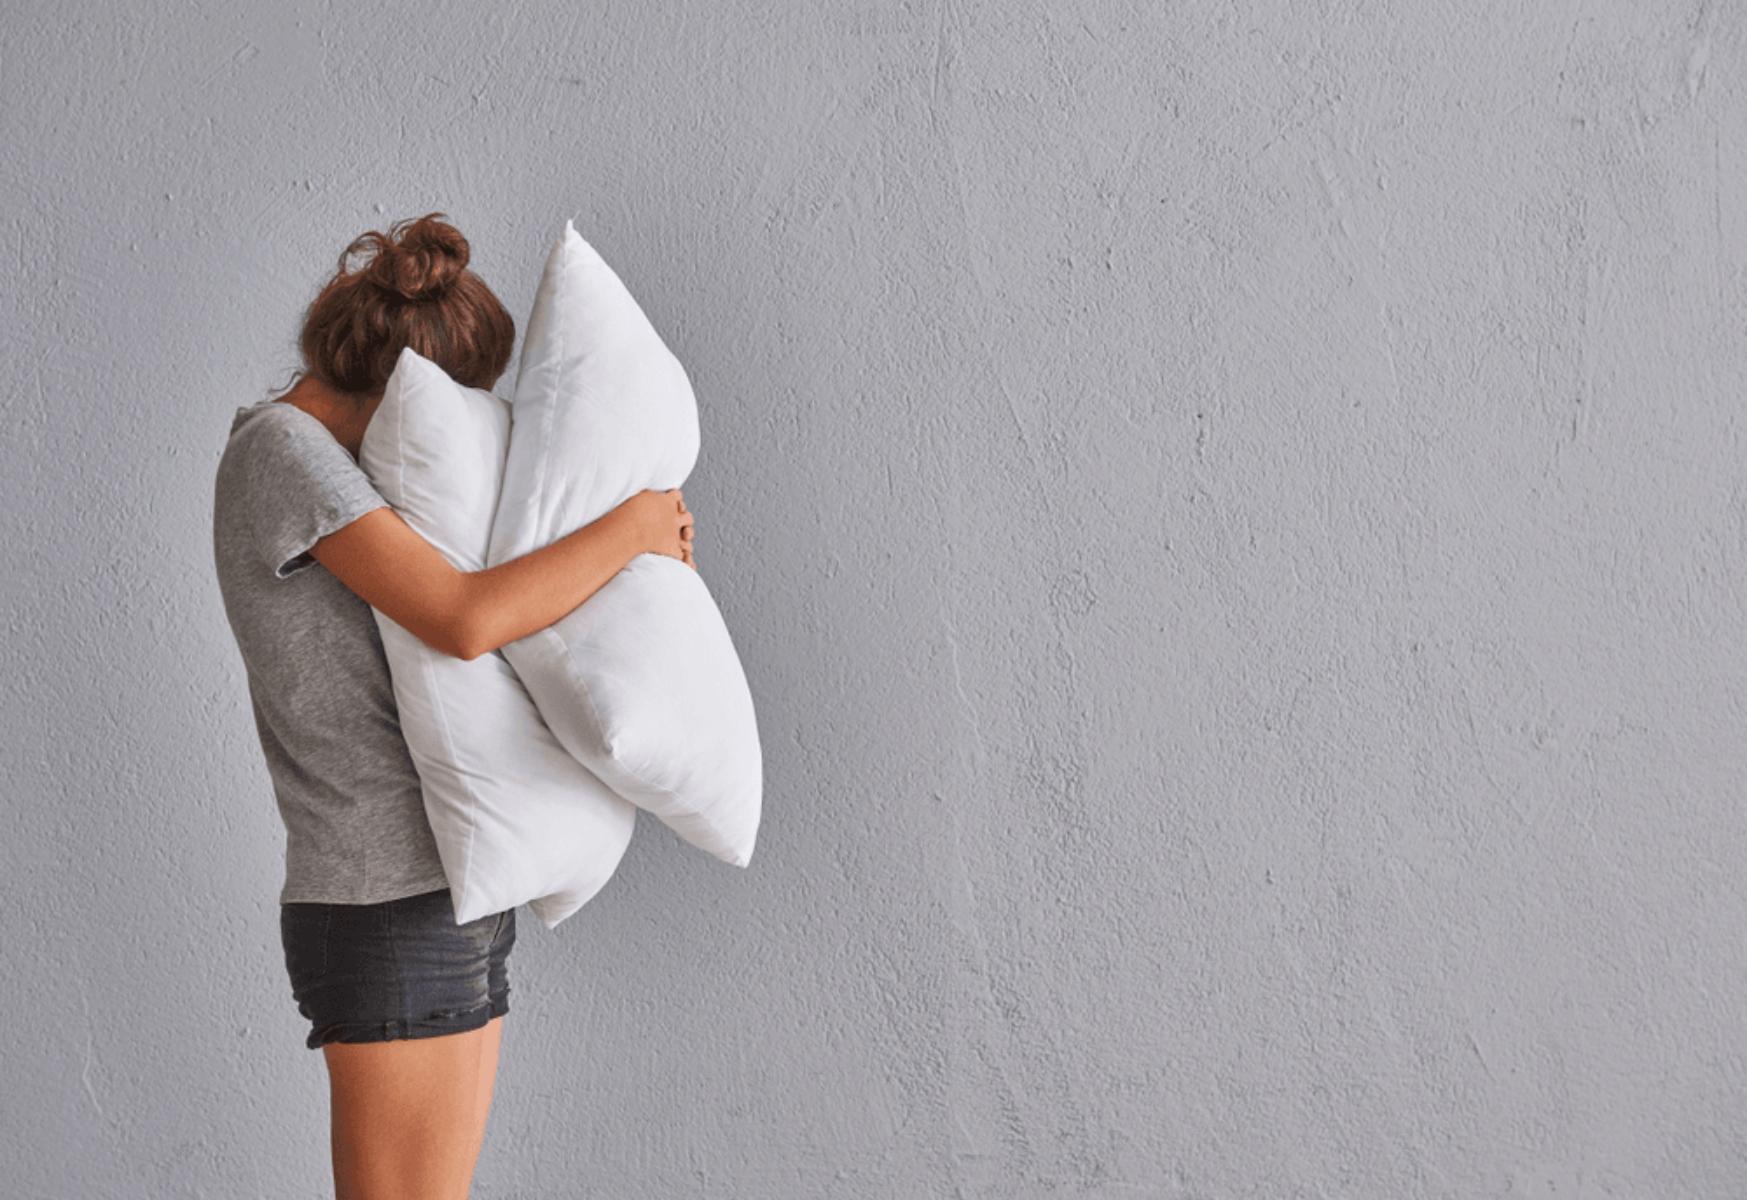 Αυτοφροντίδα ύπνος: Είναι τελικά καλύτερα να κοιμάσαι χωρίς μαξιλάρι